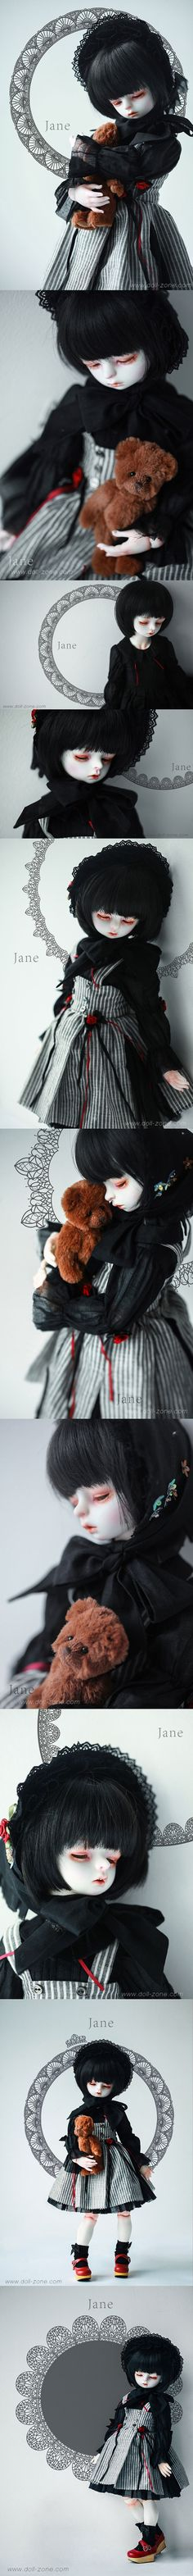 BJD Jane Girl 40cm DSD 1/4BB Ball-jointed Doll_44~45CM DOLLS_DOLLZONE_DOLL_Ball Jointed Dolls (BJD) company-Legenddoll